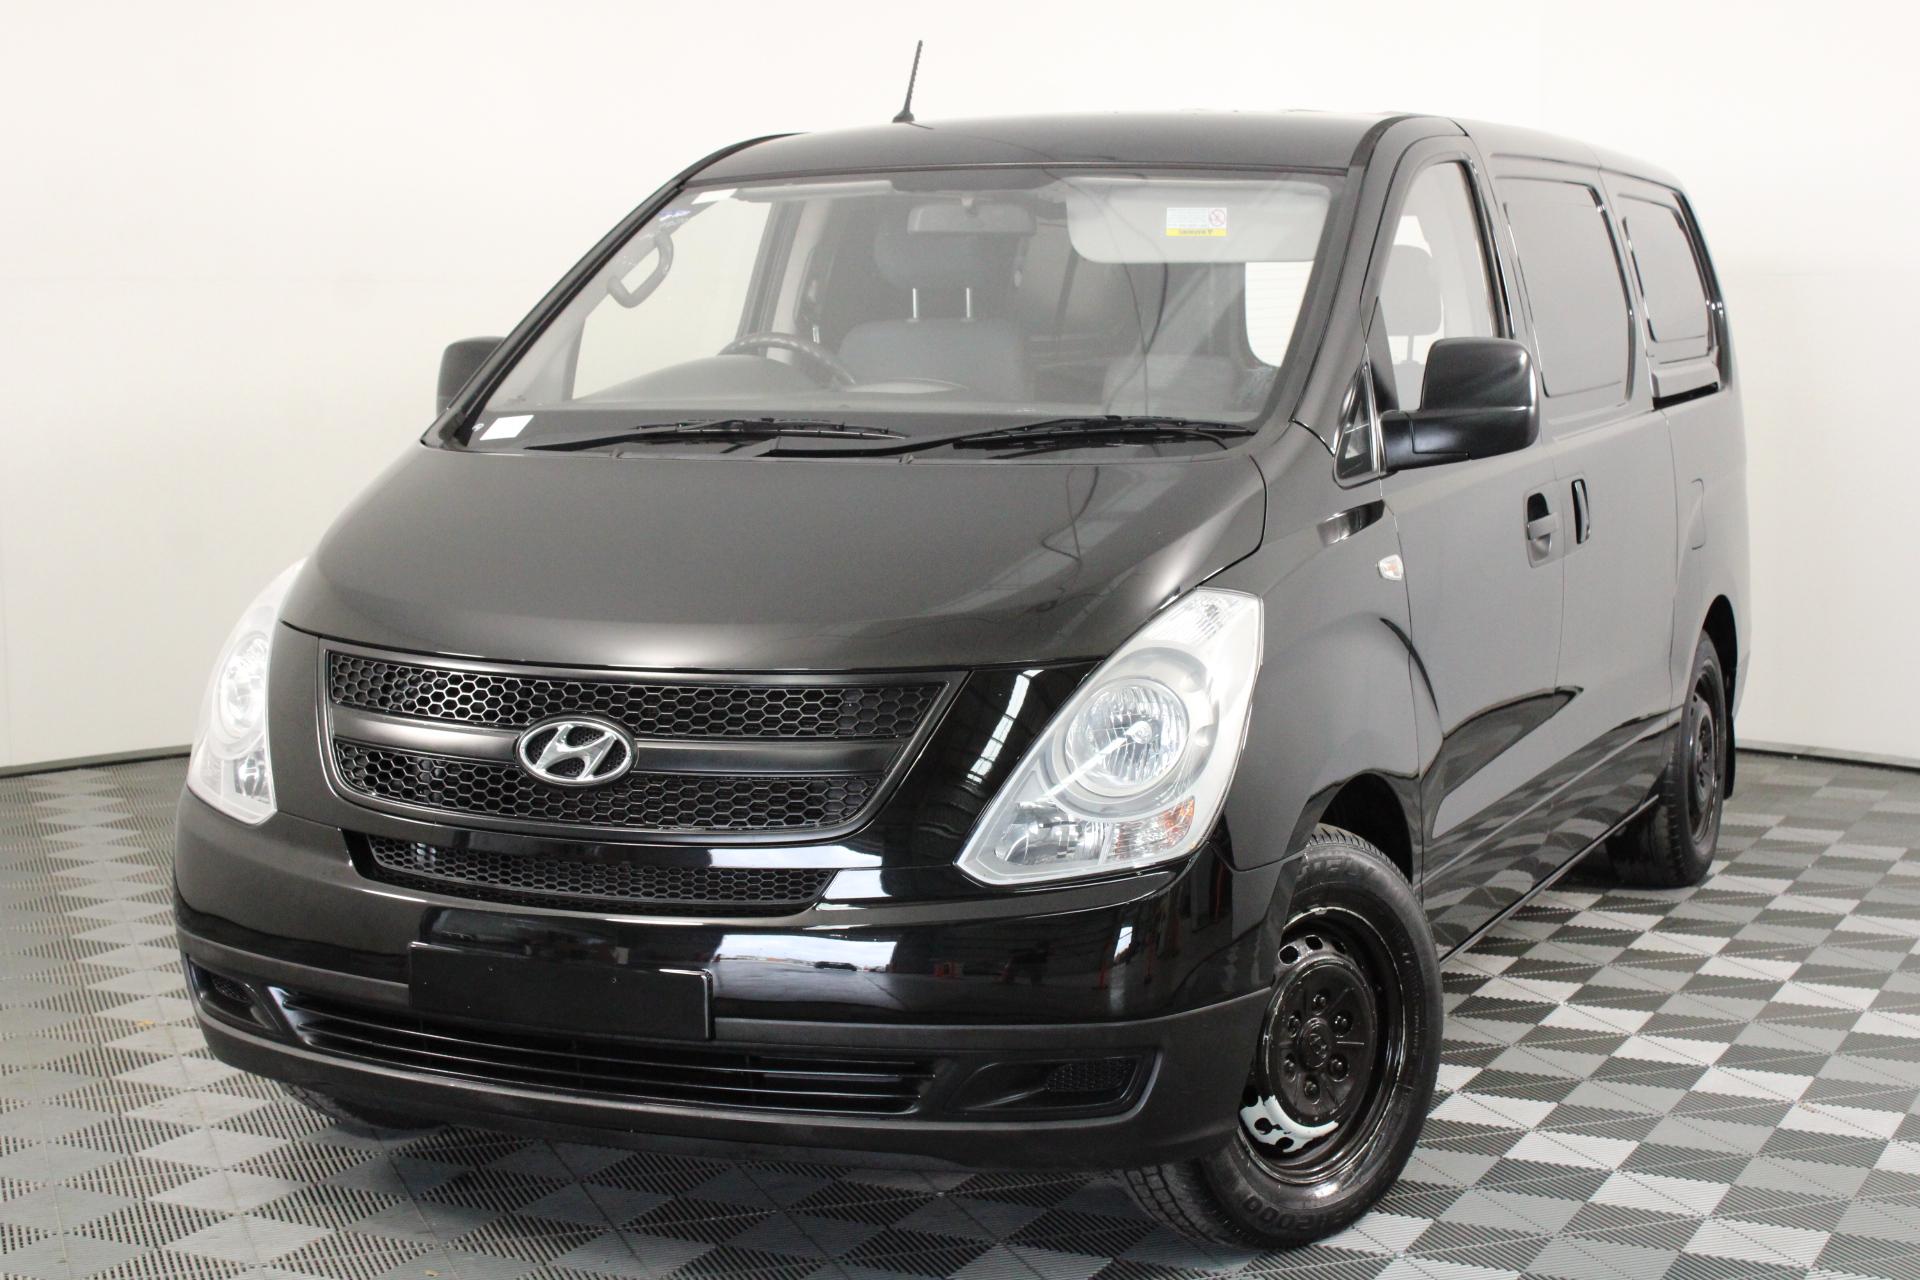 2014 Hyundai iLOAD TQ Turbo Diesel Automatic Van